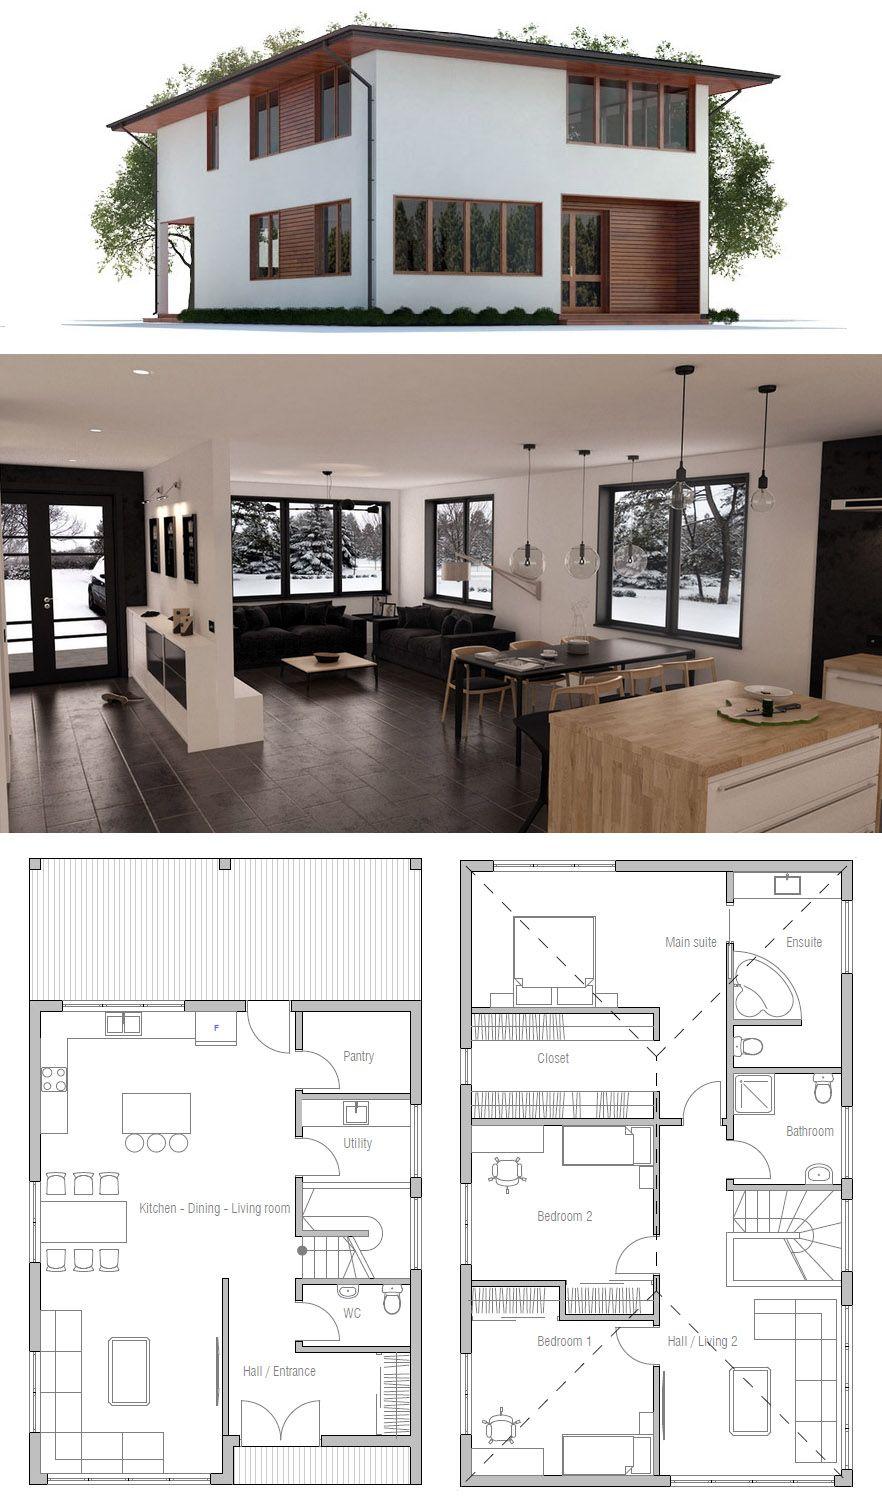 Architecture Home Plans House Plans Architecture Newhomes Homedecor Housedesign Plannen Voor Kleine Huizen Huisplannen Klein Huis Ontwerp